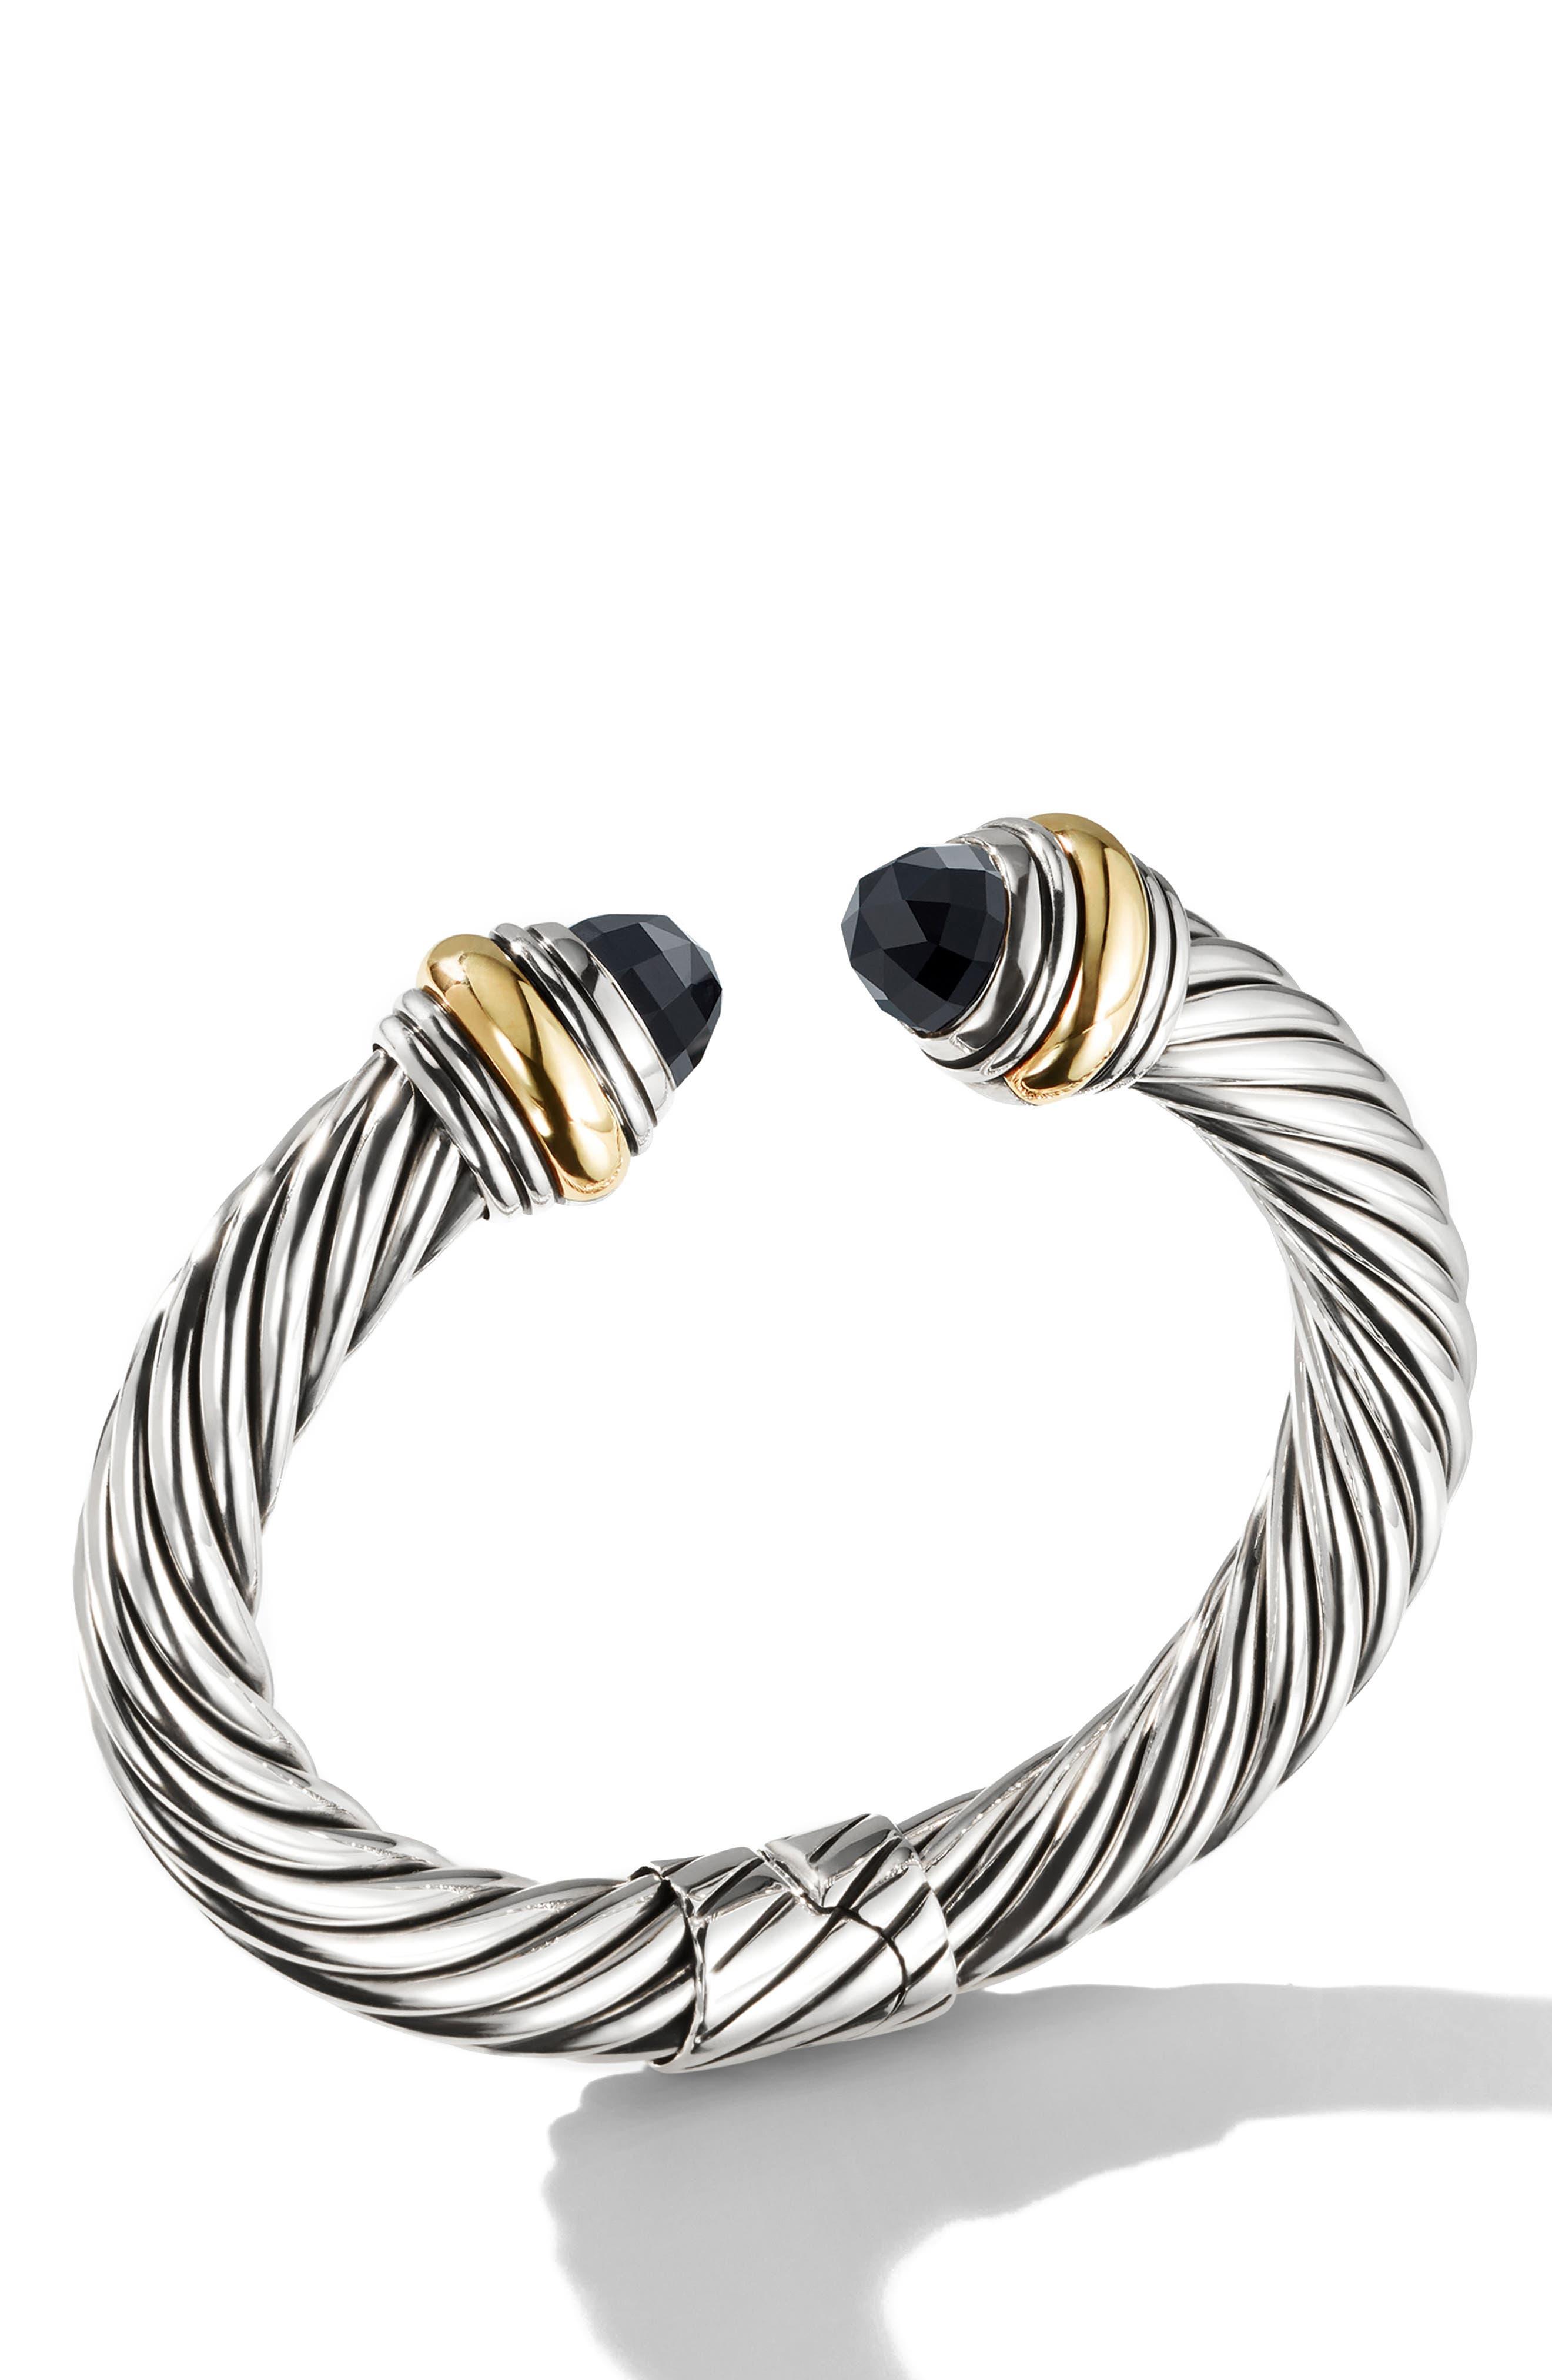 DAVID YURMAN, Cable Classics Bracelet, Alternate thumbnail 2, color, GOLD/ SILVER/ BLACK ONYX